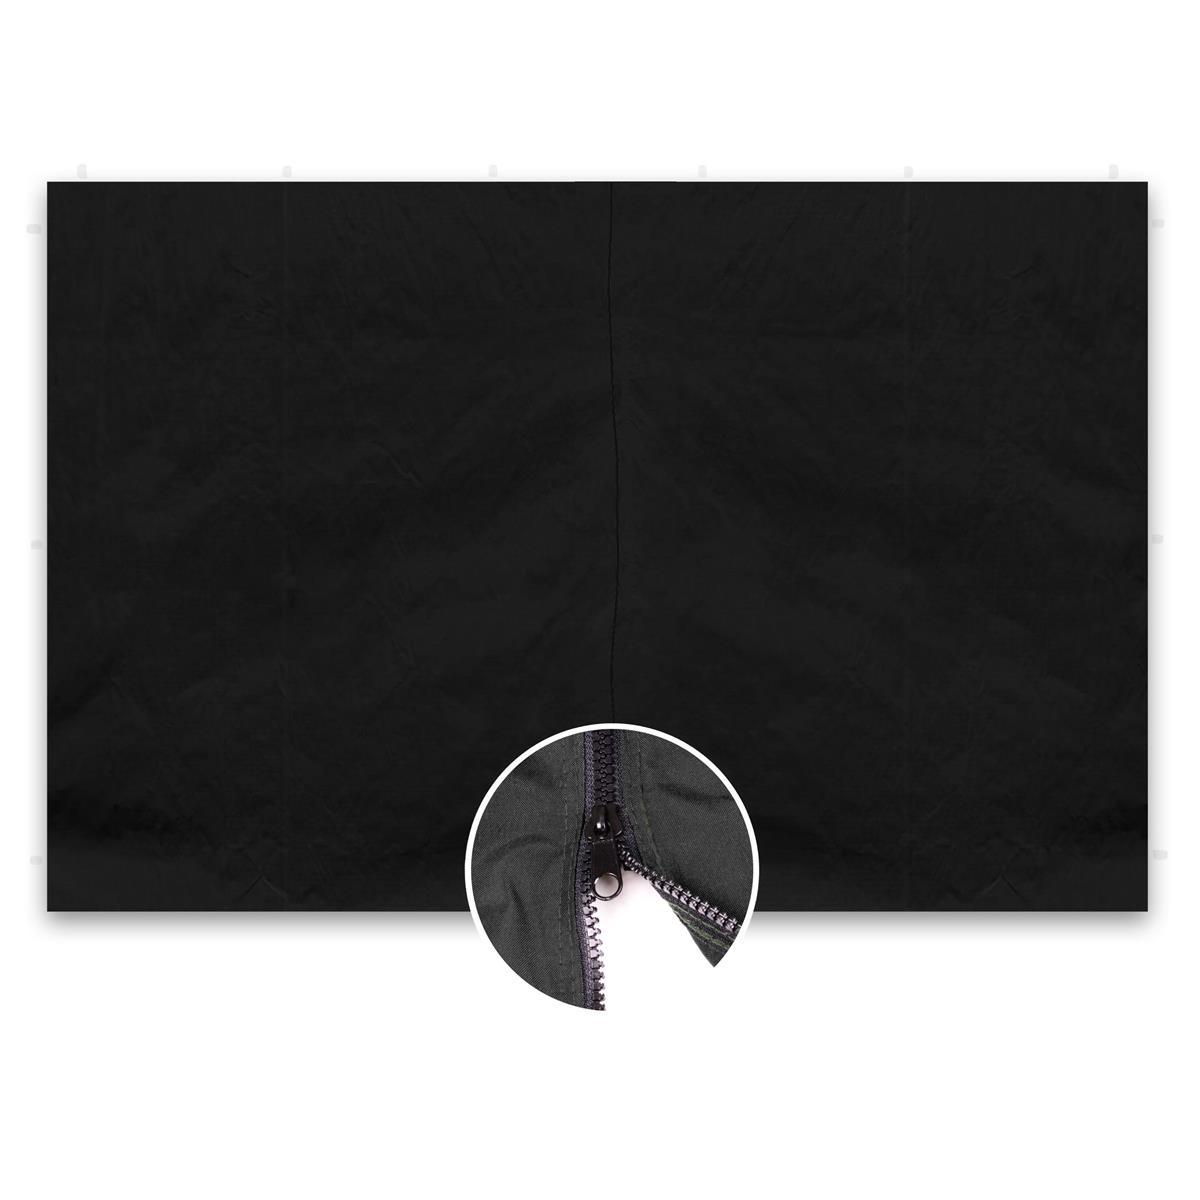 2 Seitenteile ohne Fenster für PROFI Falt Pavillon 3x3 m schwarz Reißverschluss